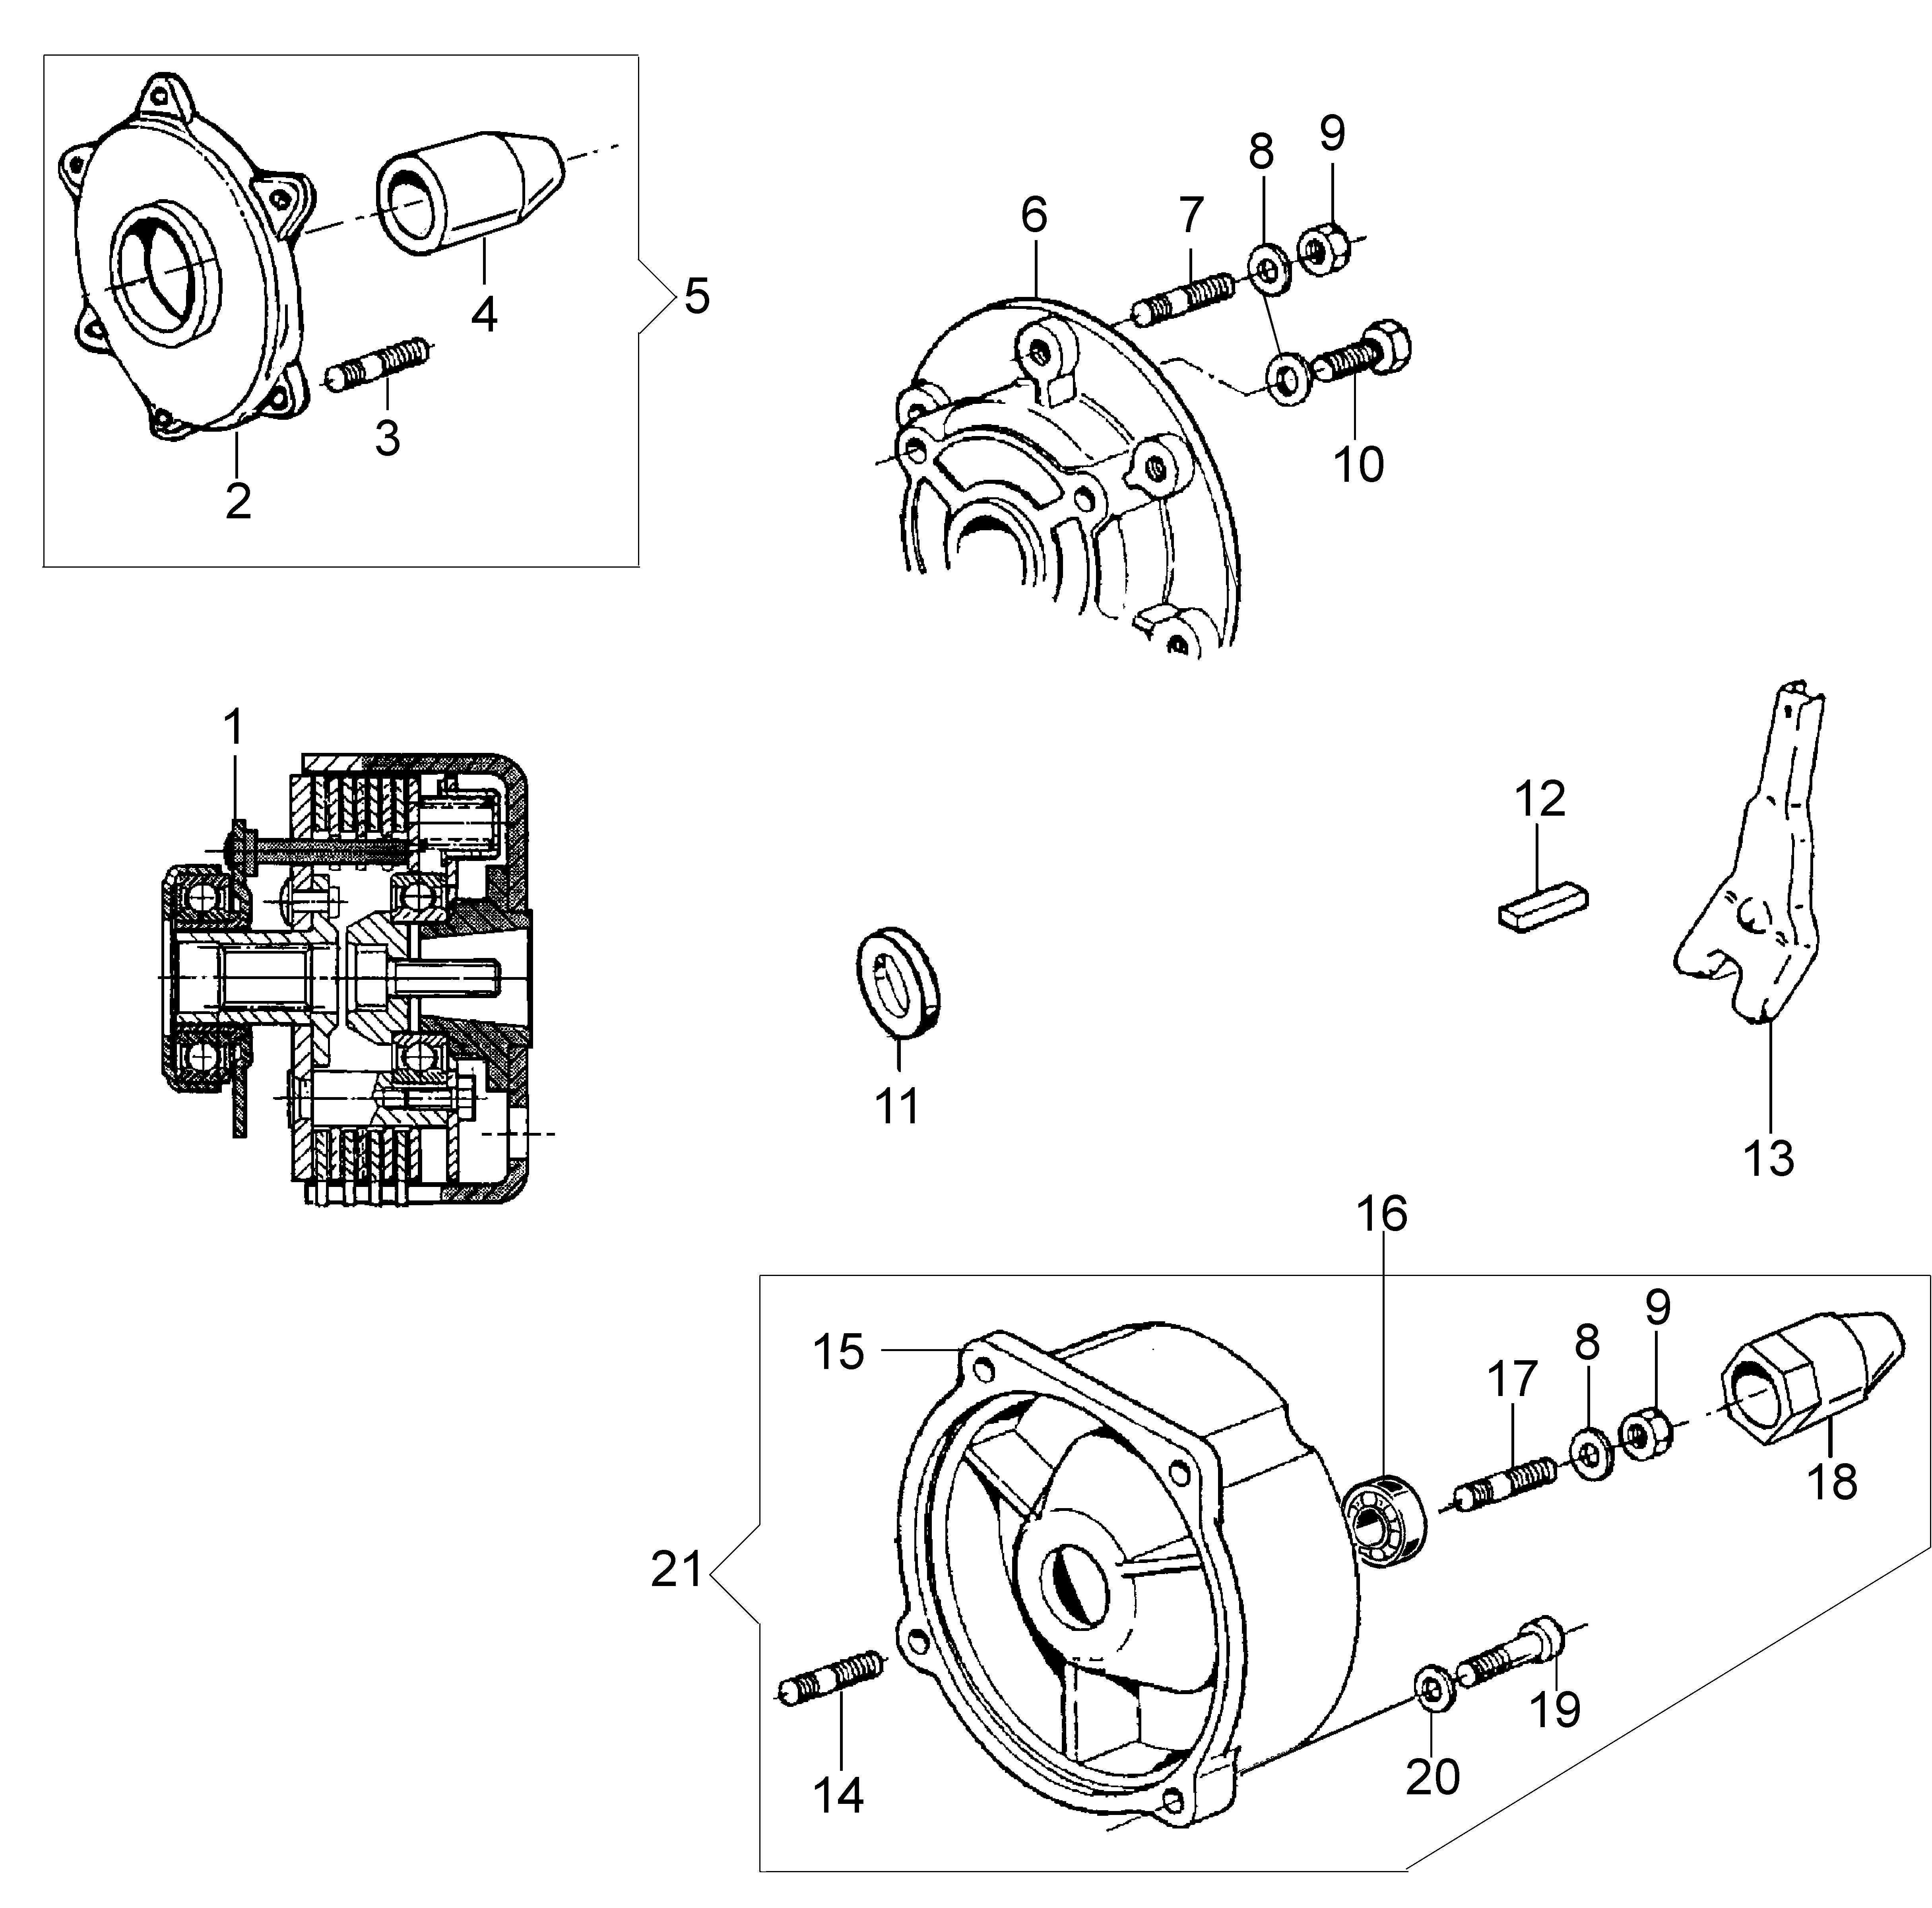 KAM 5 (EN 709) Motoculteur OLEOMAC NIBBI vue éclatée Dessins pièces -  Embrayage